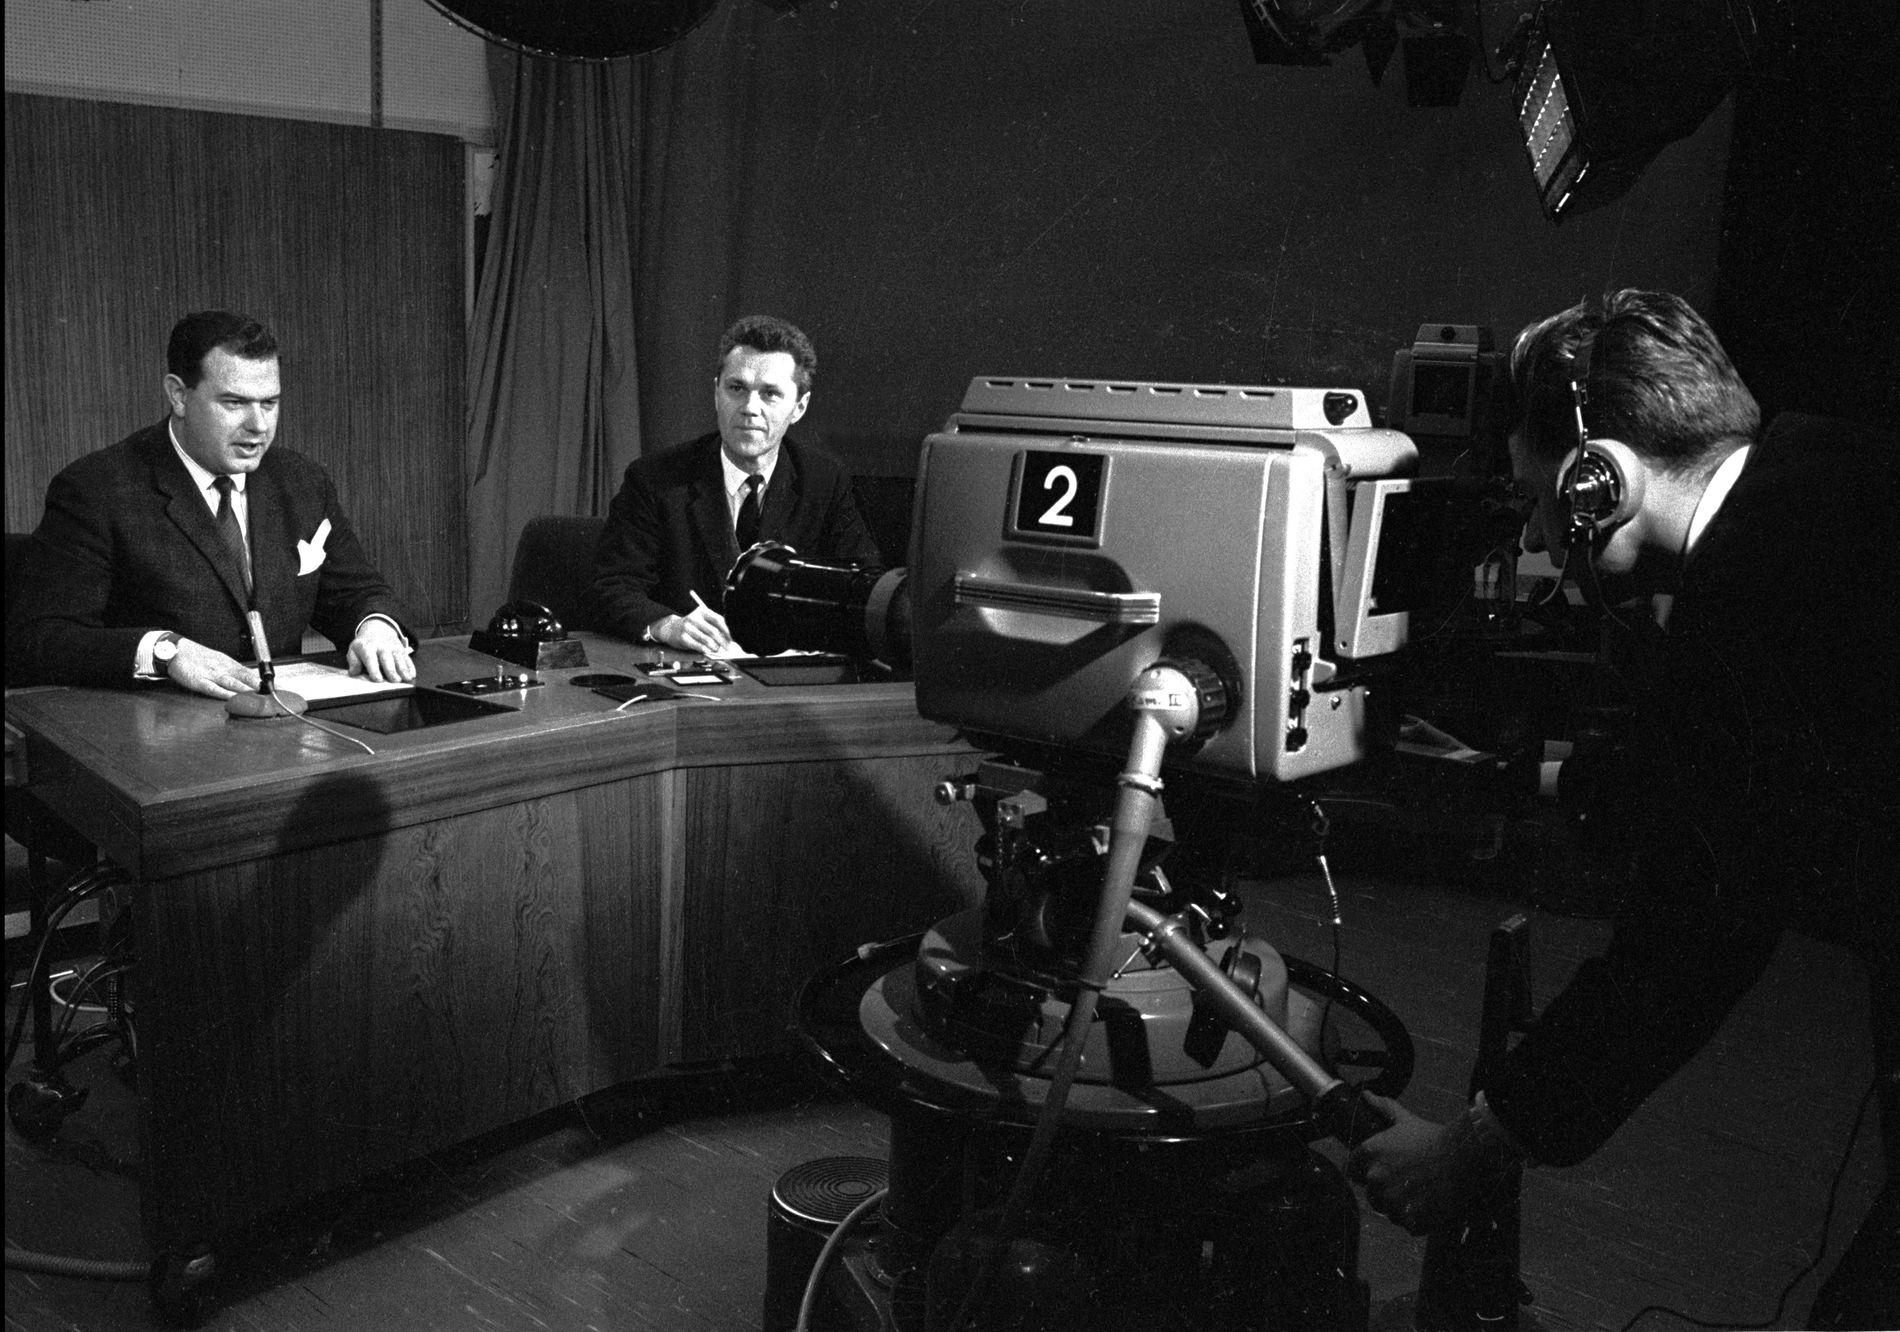 TRADISJONSRIKT TV: 60 år med nyheter på TV. Her er programlederne Jan P. Jansen (tv) og Bjørn Haga i studio på midten av 60-tallet.